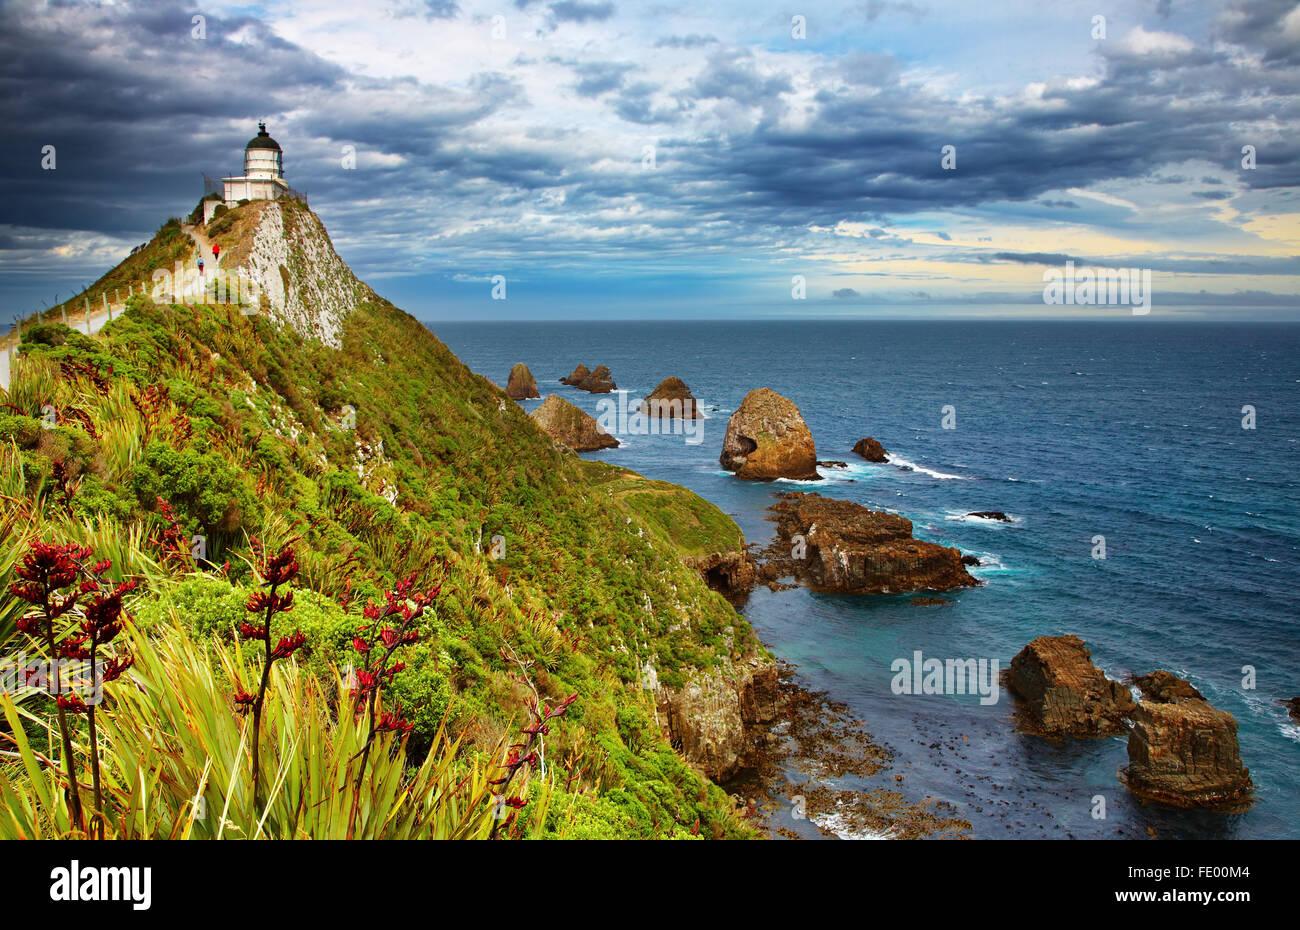 Nugget Point Lighthouse, Nuova Zelanda Immagini Stock